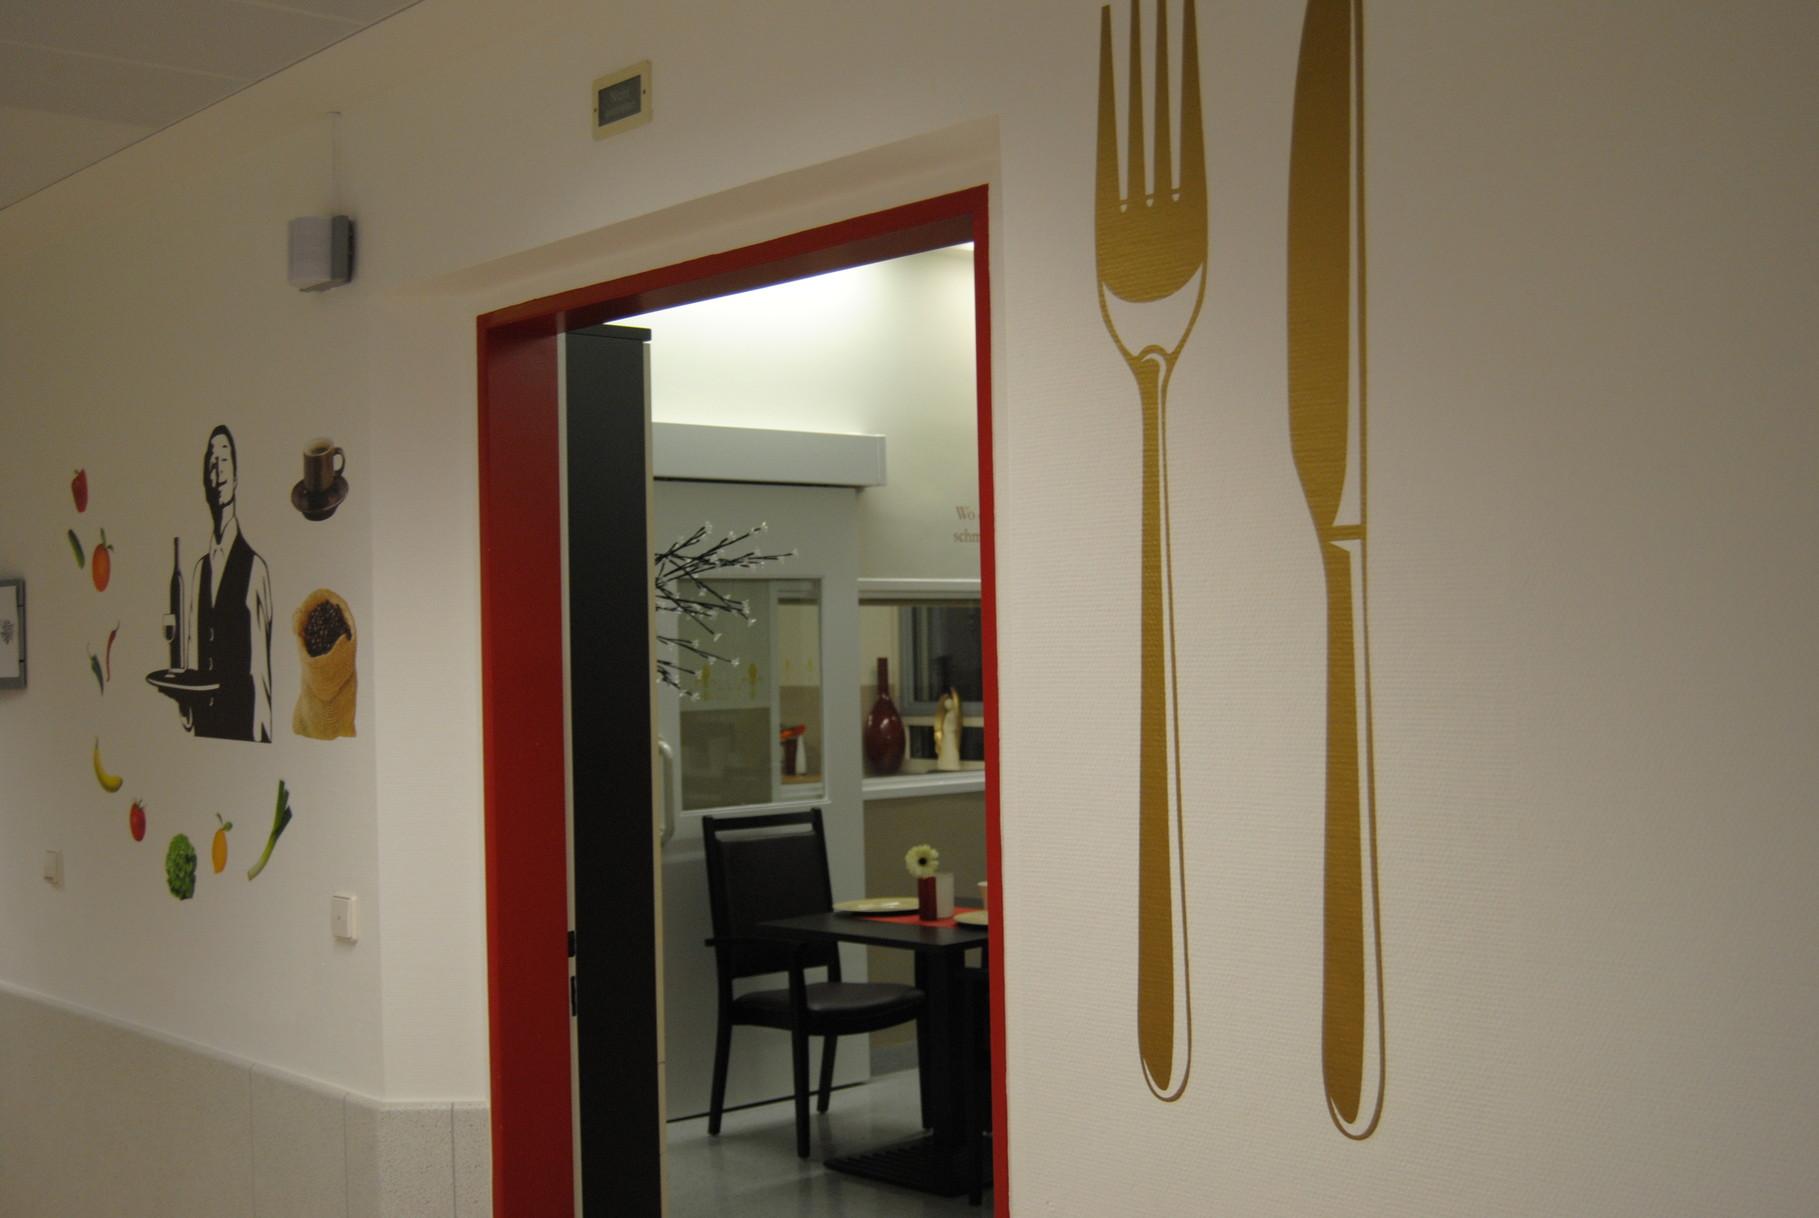 Eingang zum Aktivierungs und Speisesaal